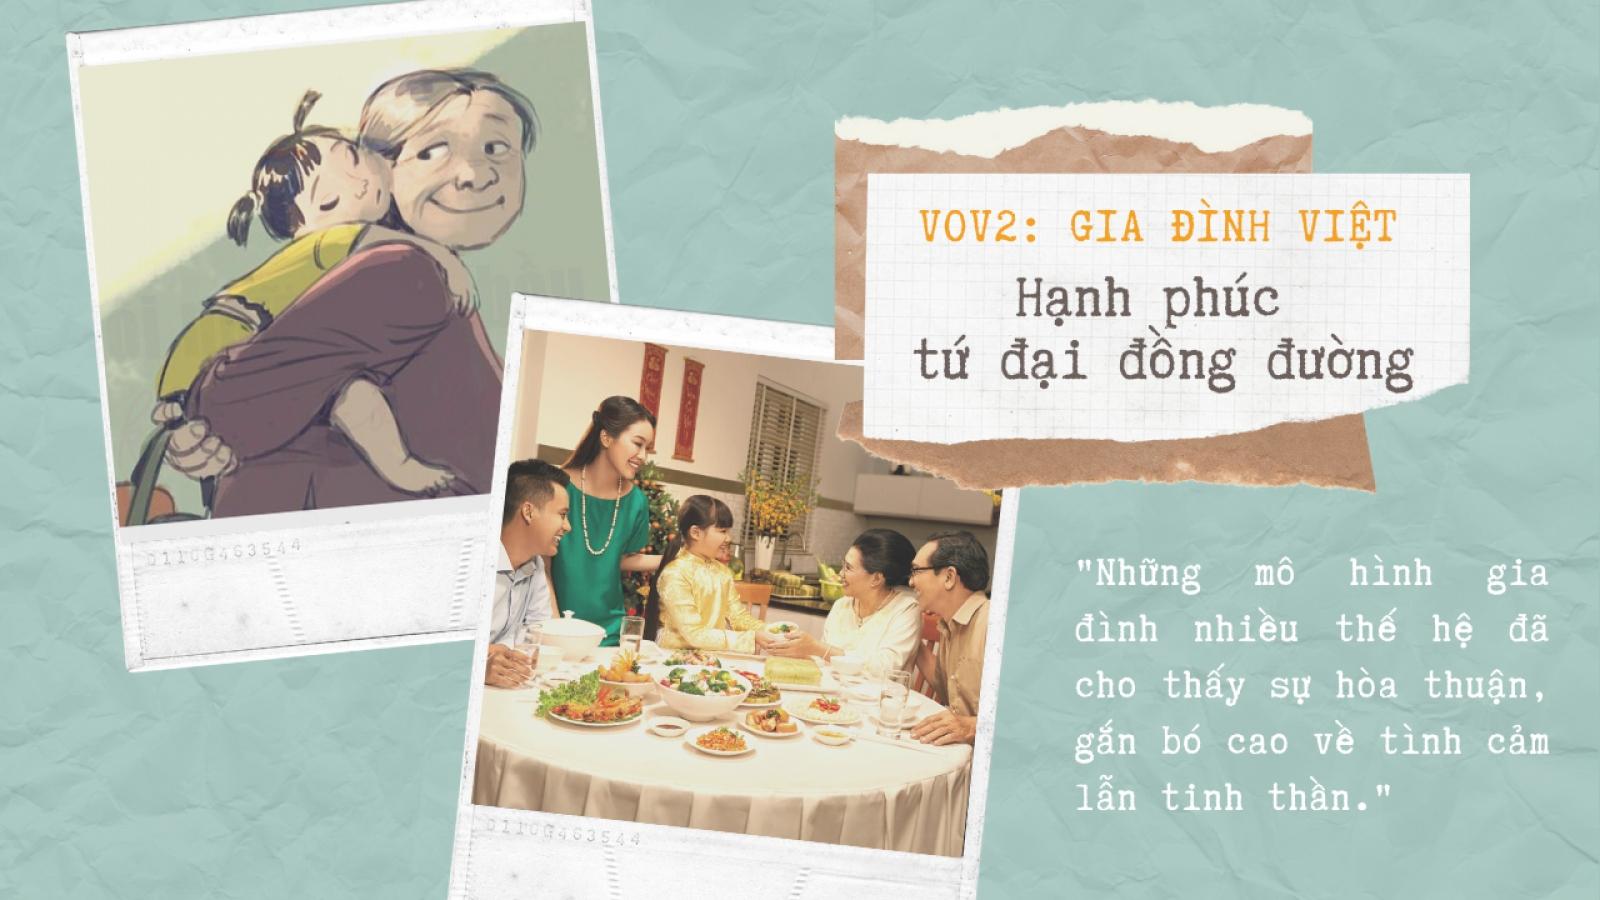 Gia đình Việt: Hạnh phúc tứ đại đồng đường